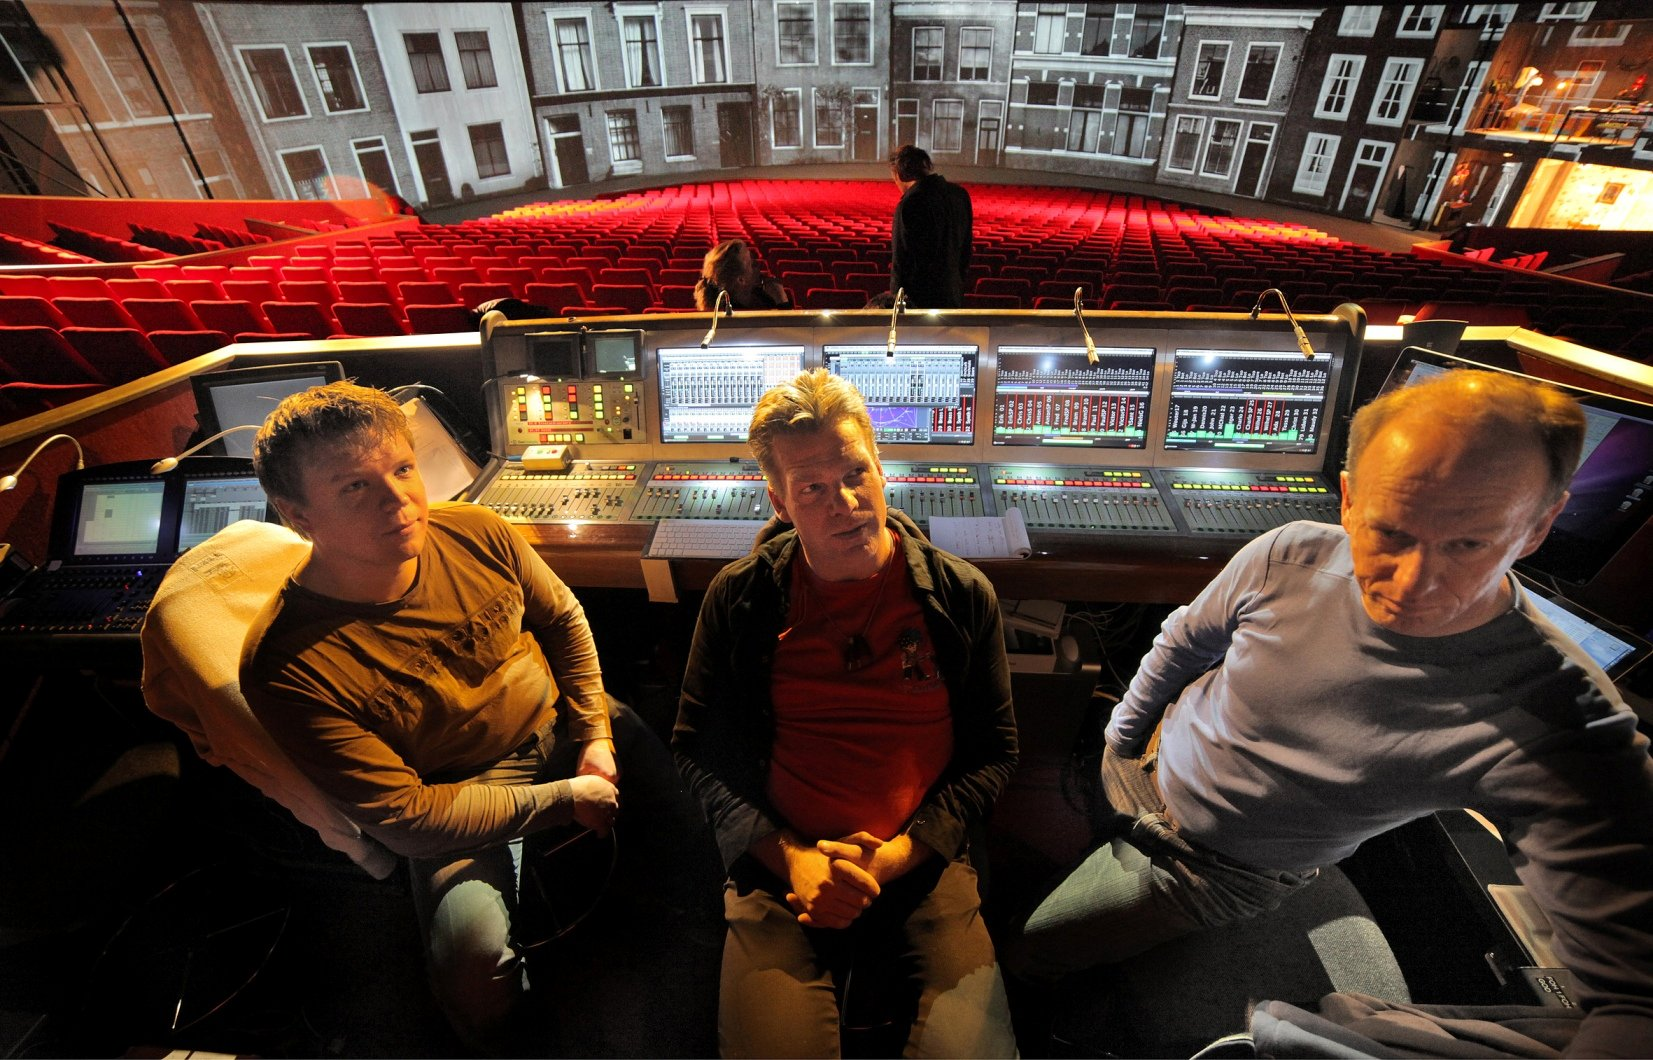 Soldaat Van Oranje Related Keywords & Suggestions - Soldaat Van Oranje ...